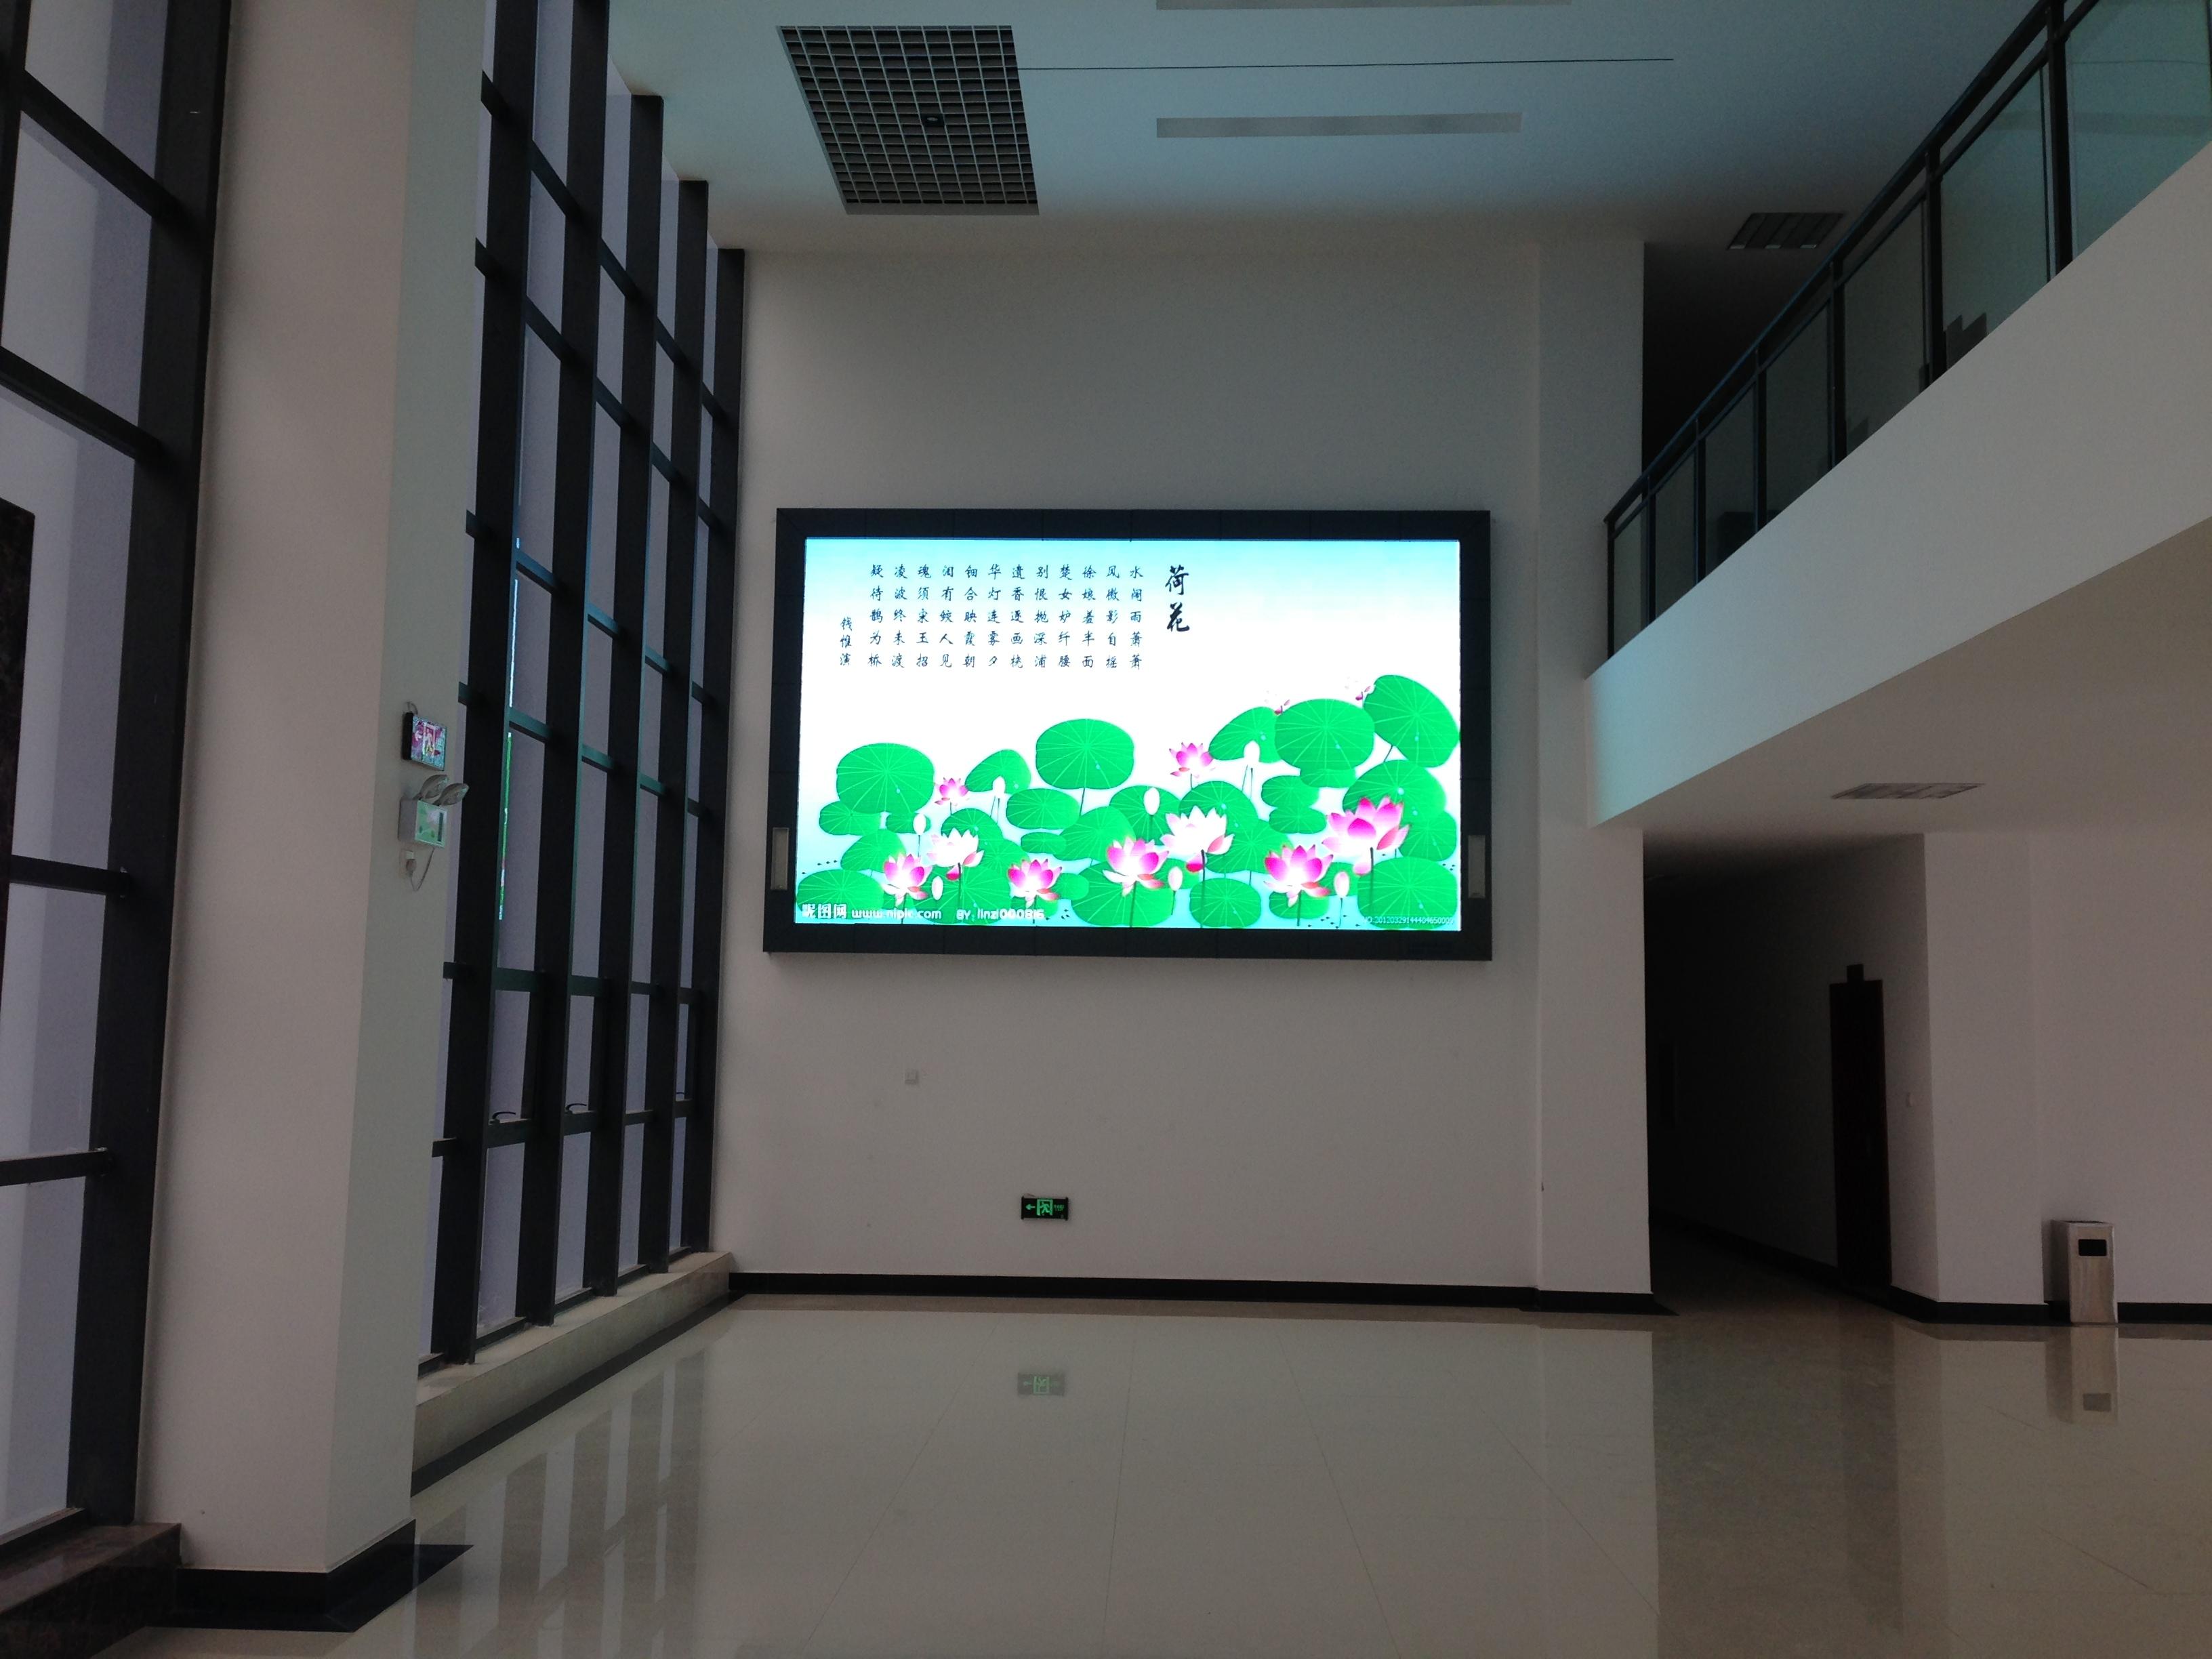 云南电子显示屏专卖店-云南电子显示屏专业供应